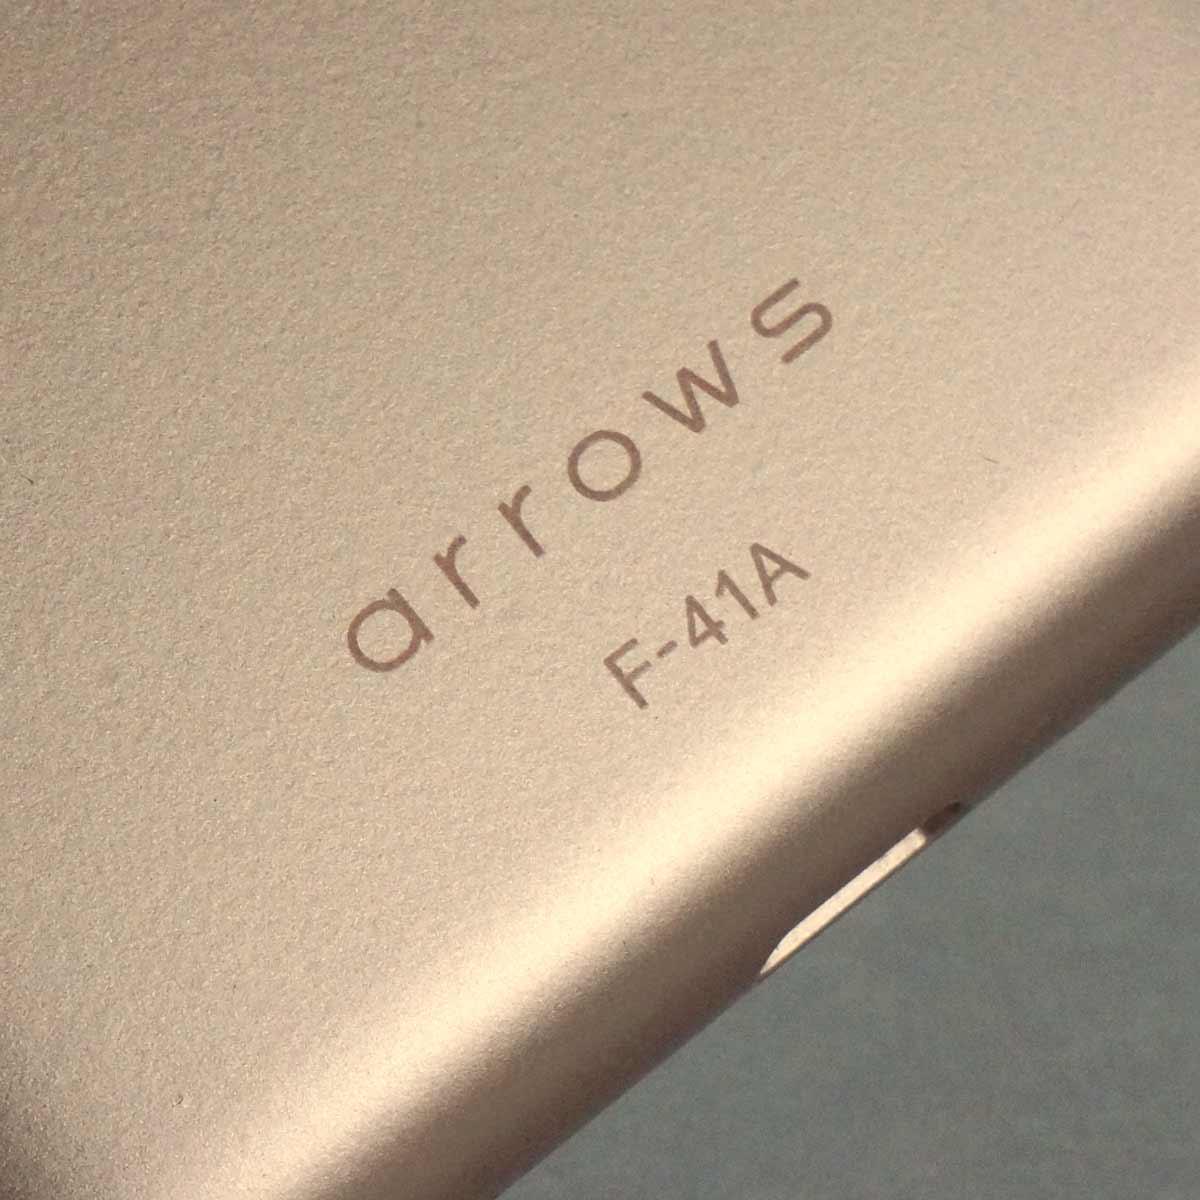 ケータイからの移行ならこれで十分! ドコモ最安のスマホ「arrows Be4 F-41A」レビュー